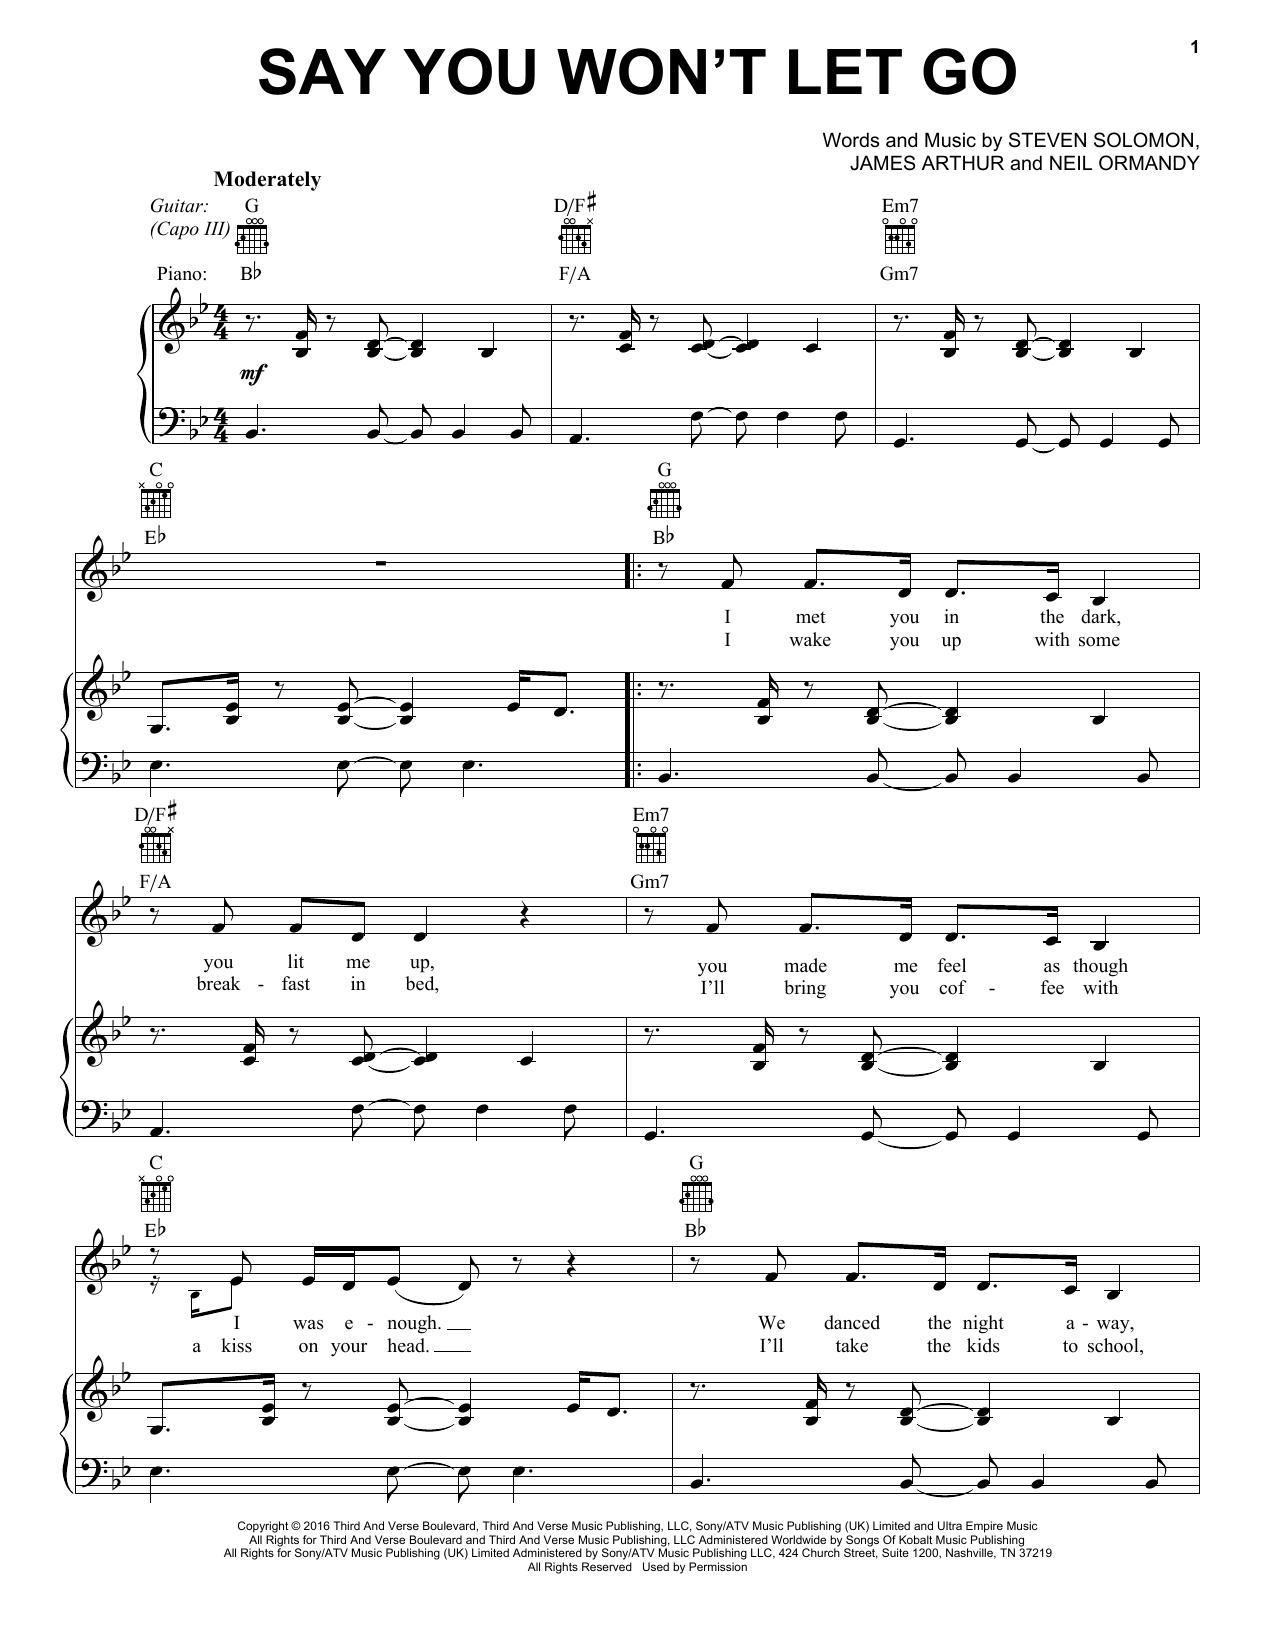 James Arthur 'Say You Won't Let Go' Sheet Music Notes, Chords | Download  Printable VPROPG - SKU: 405257